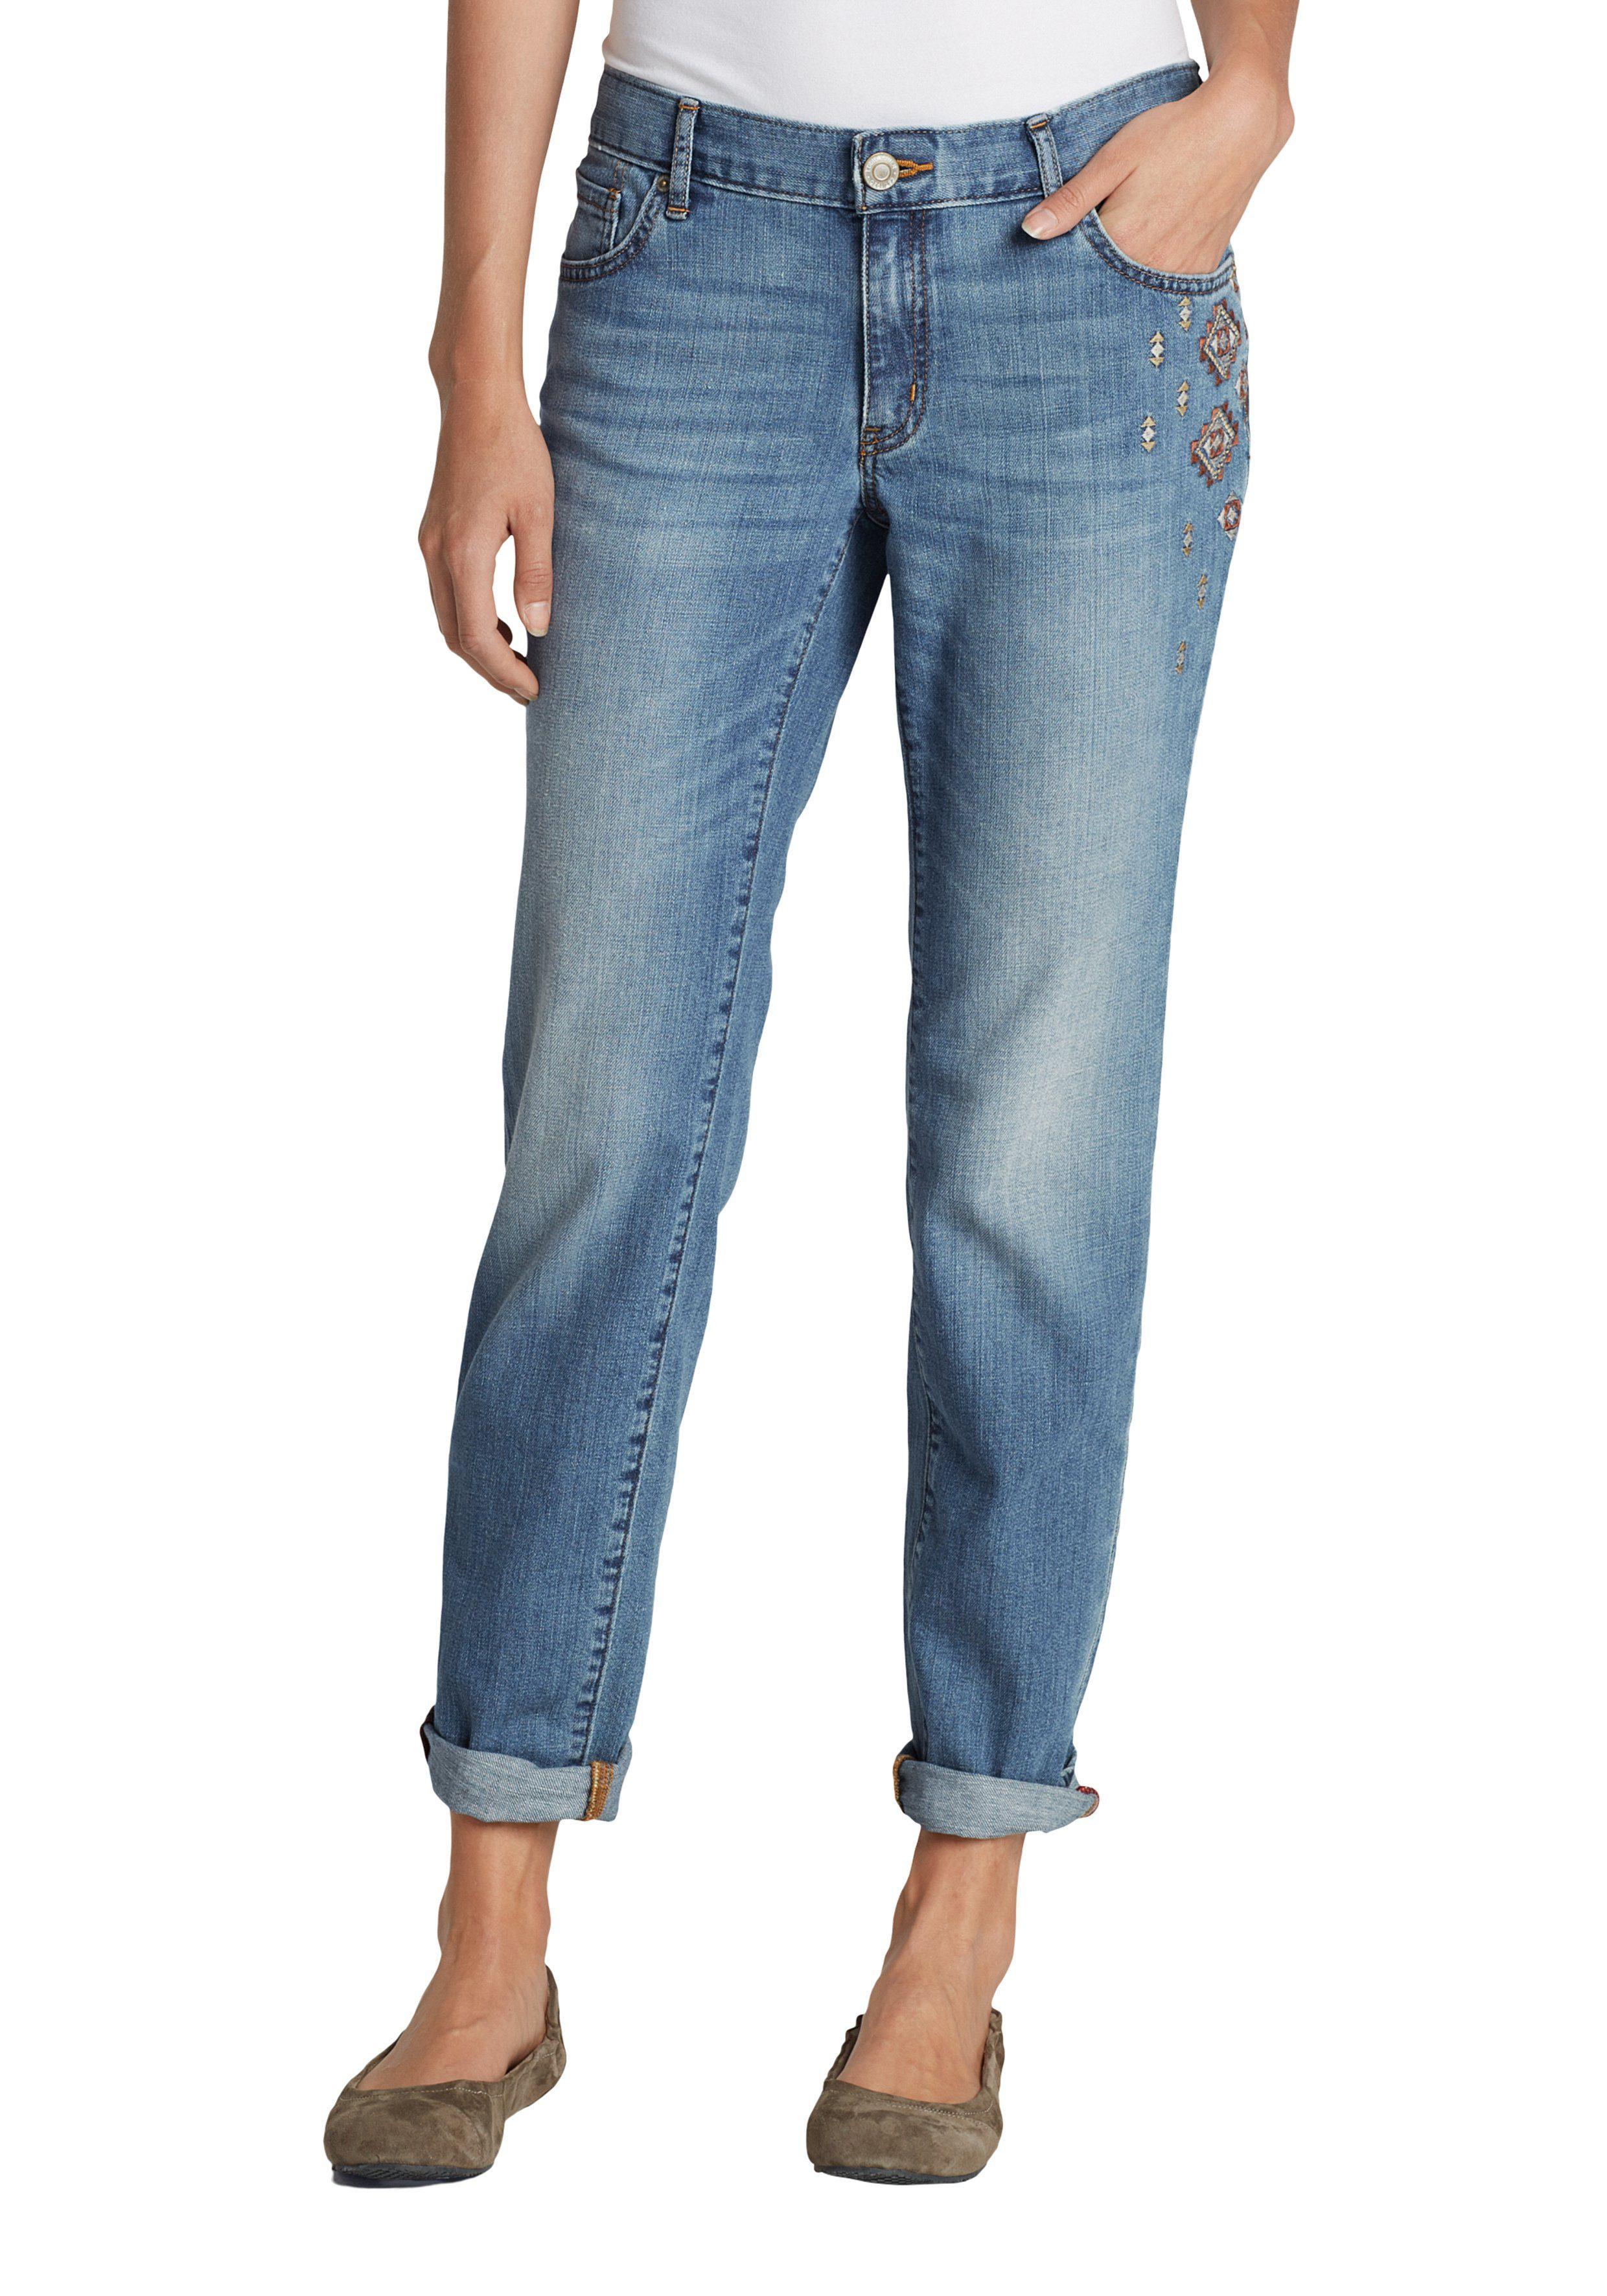 Eddie Bauer Skinny Boyfriend Jeans